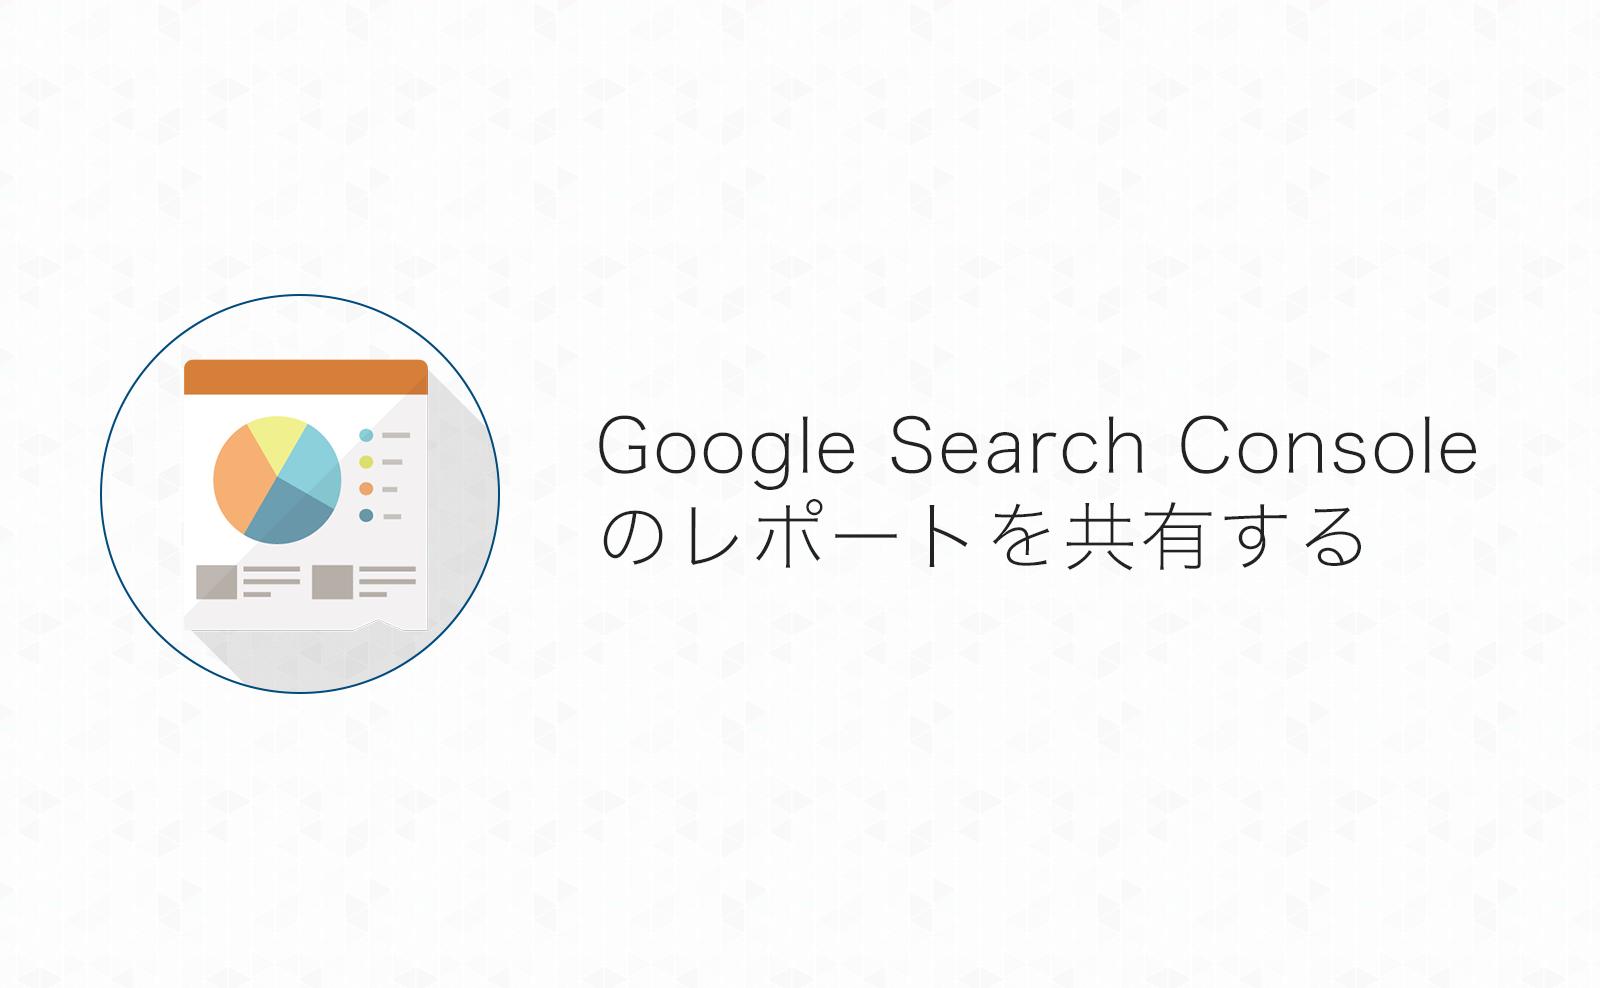 Google Search Consoleの内容を他の人にも見てもらえるようにする方法